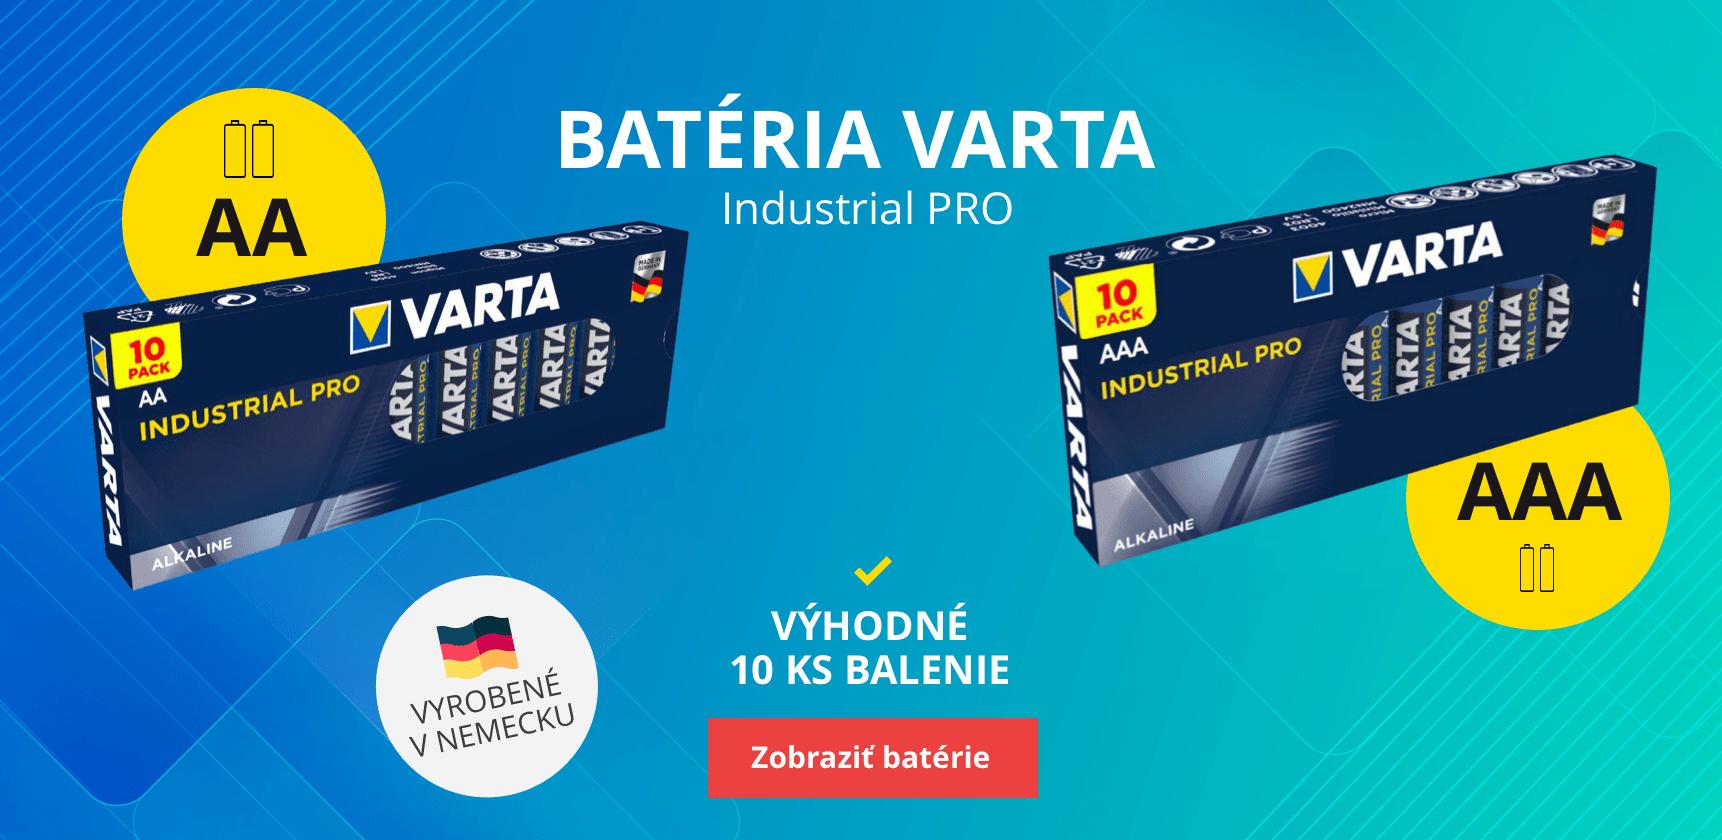 Batérie Varta Industrial PRO AA AAA